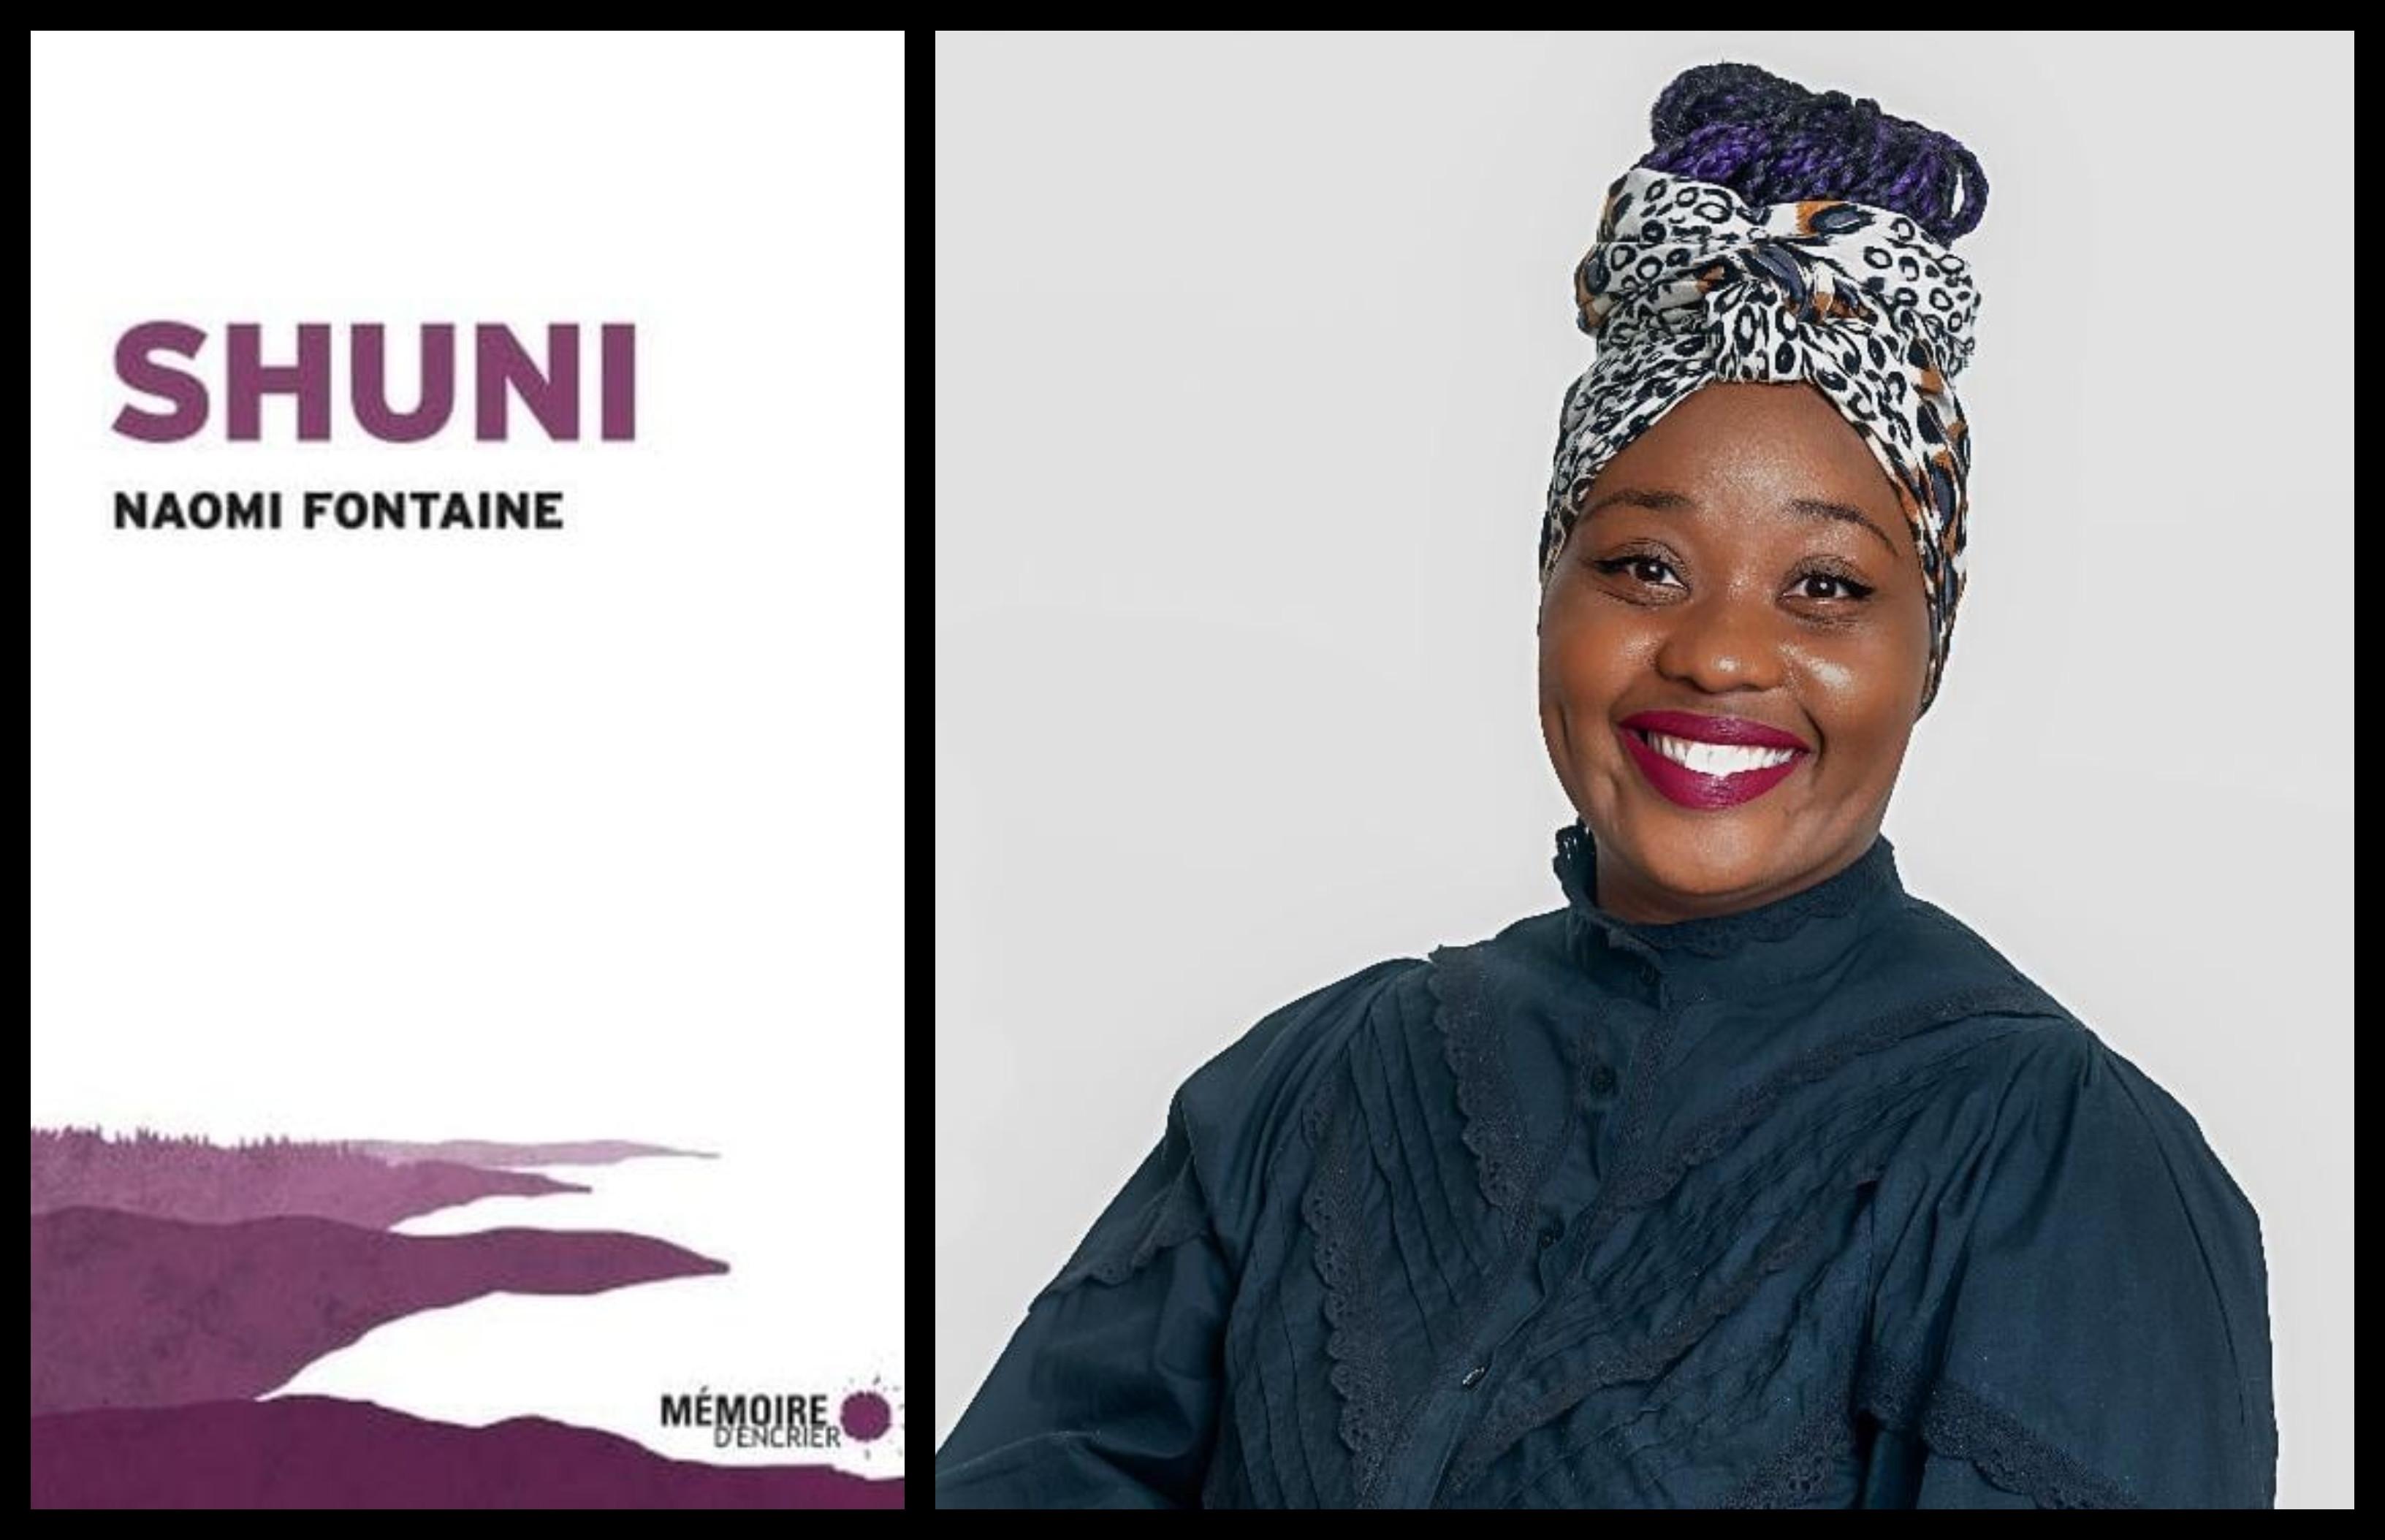 ÉMISSION DU 21 JUIN 2021: SHUNI (CHRONIQUE LITTÉRAIRE) & LE RACISME SYSTÉMIQUE AU SEIN DE LA FONCTION PUBLIQUE FÉDÉRALE